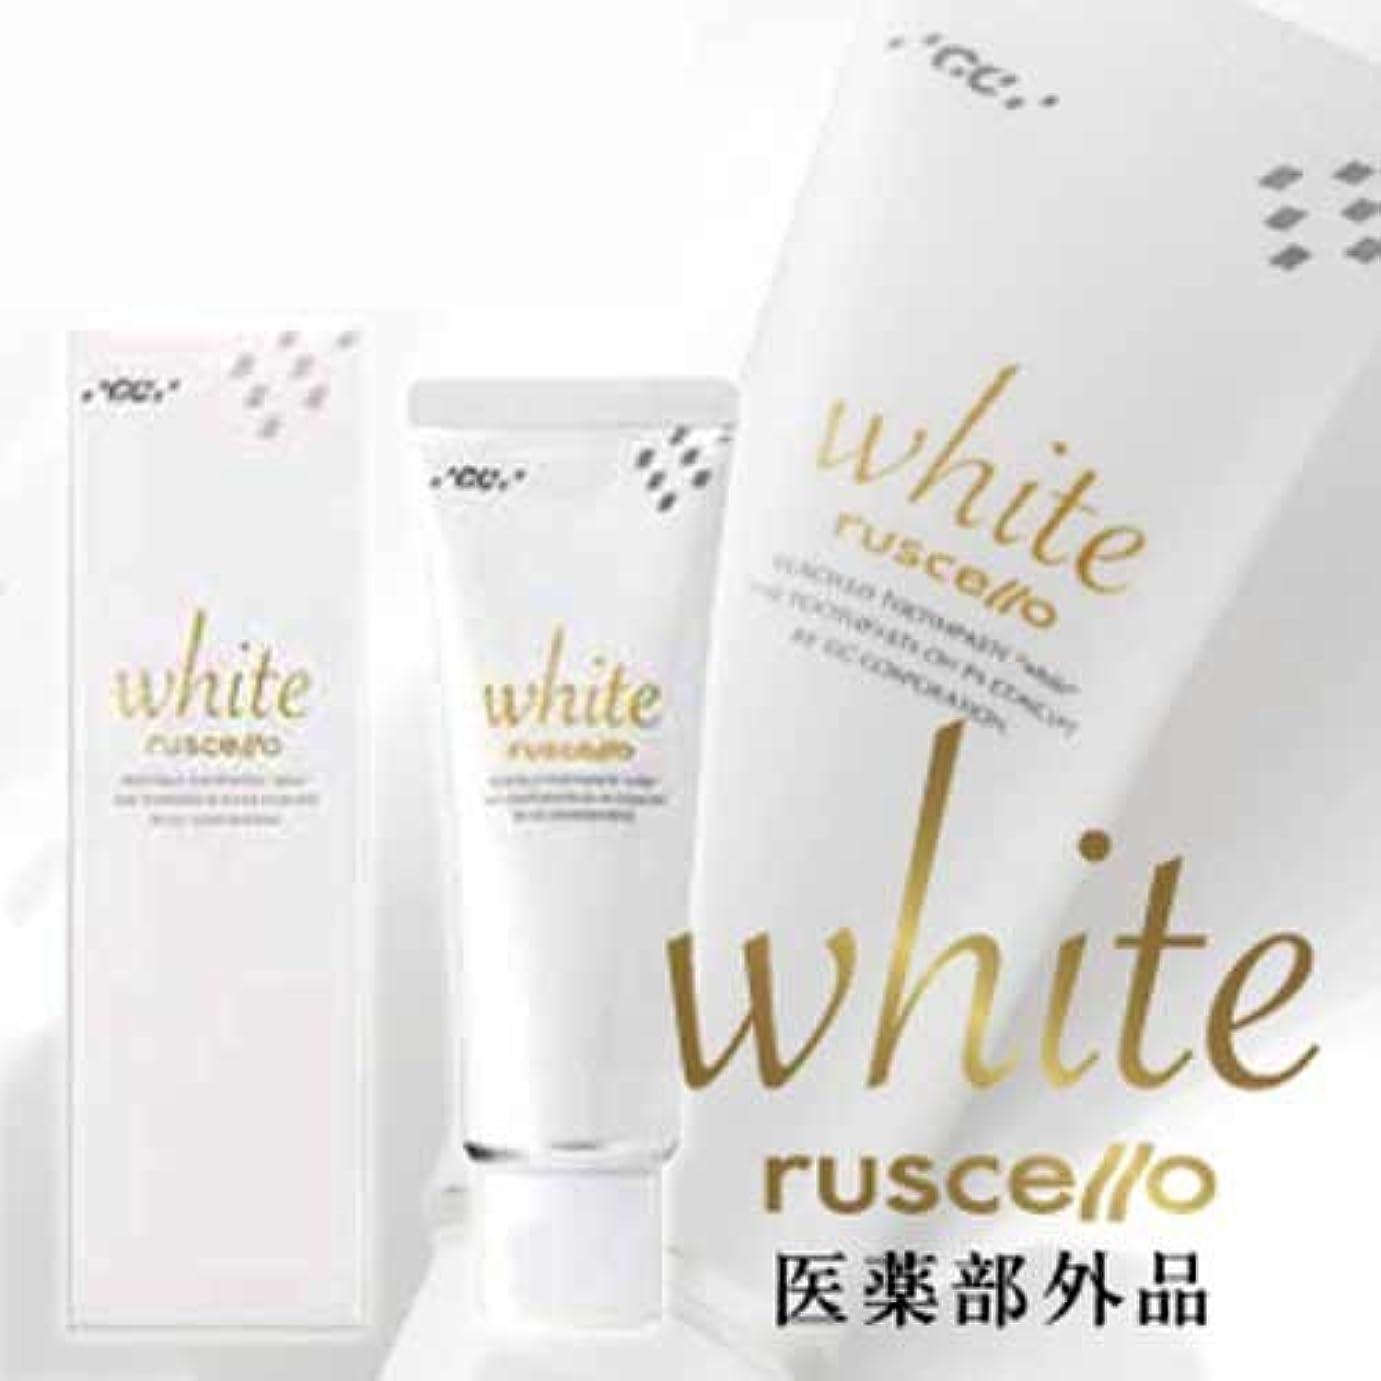 冷蔵する手数料愛情GC ルシェロ歯磨きペースト ホワイト100g